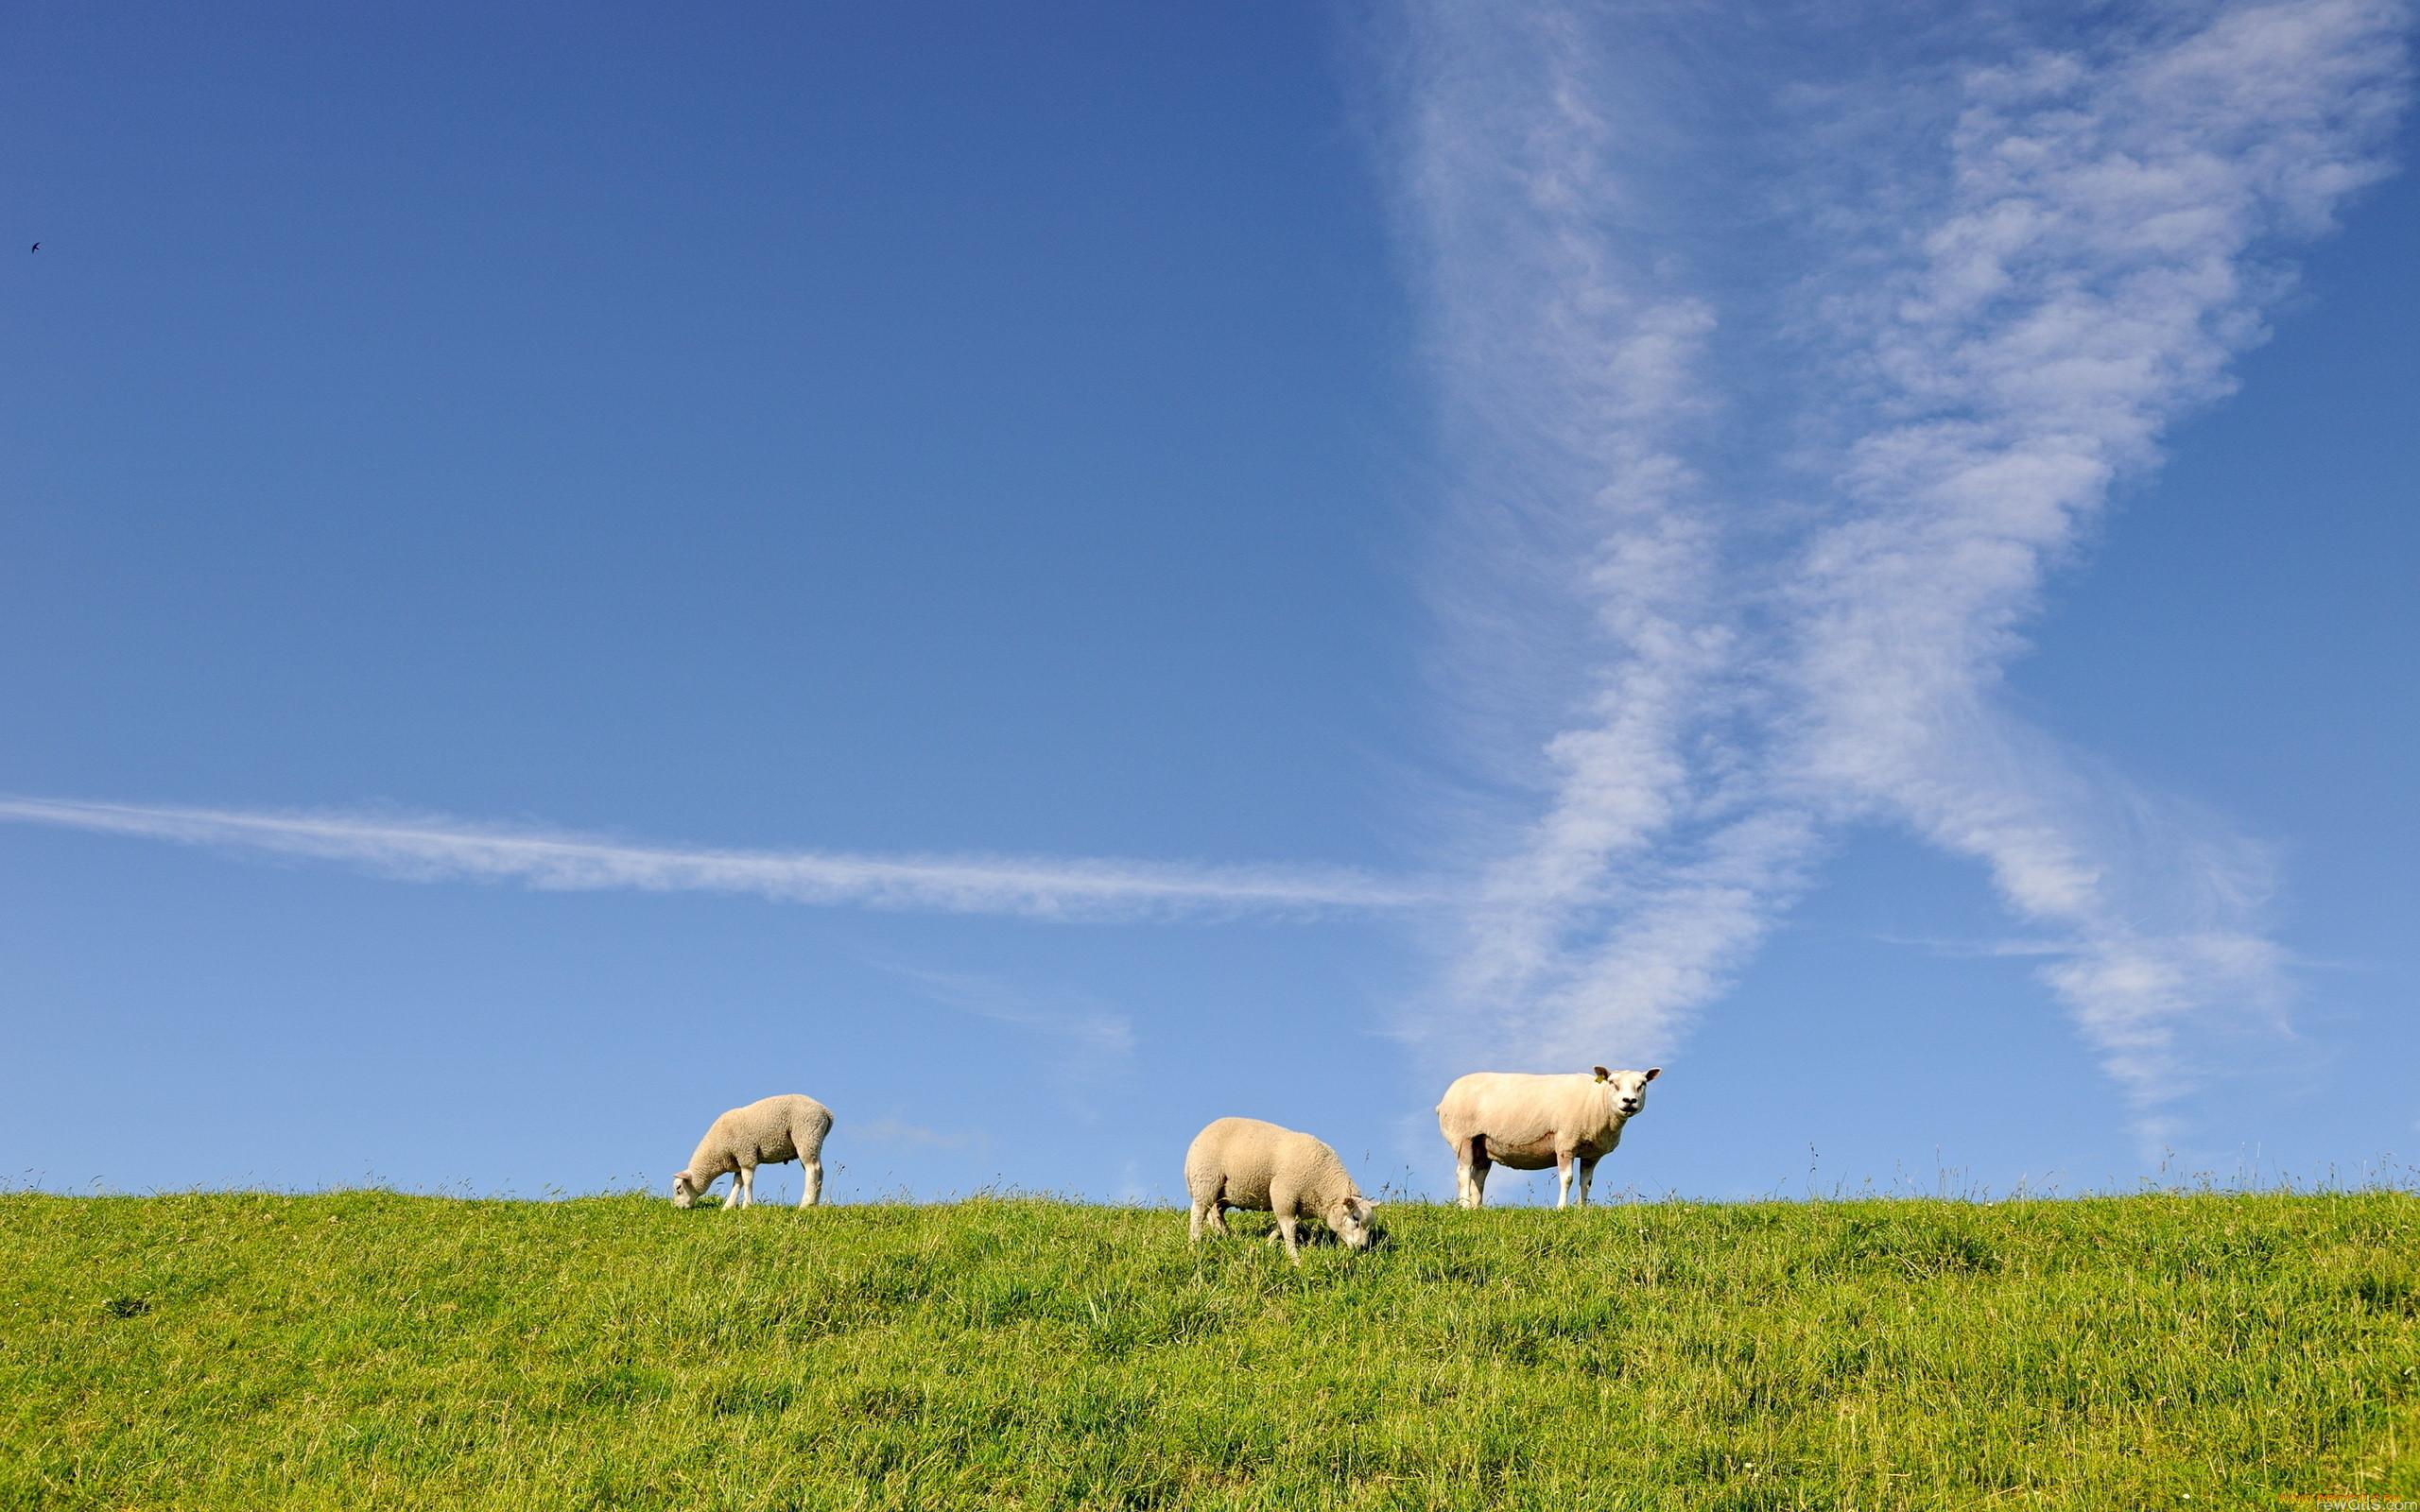 фото картинки луг с овцами размещение товаров один